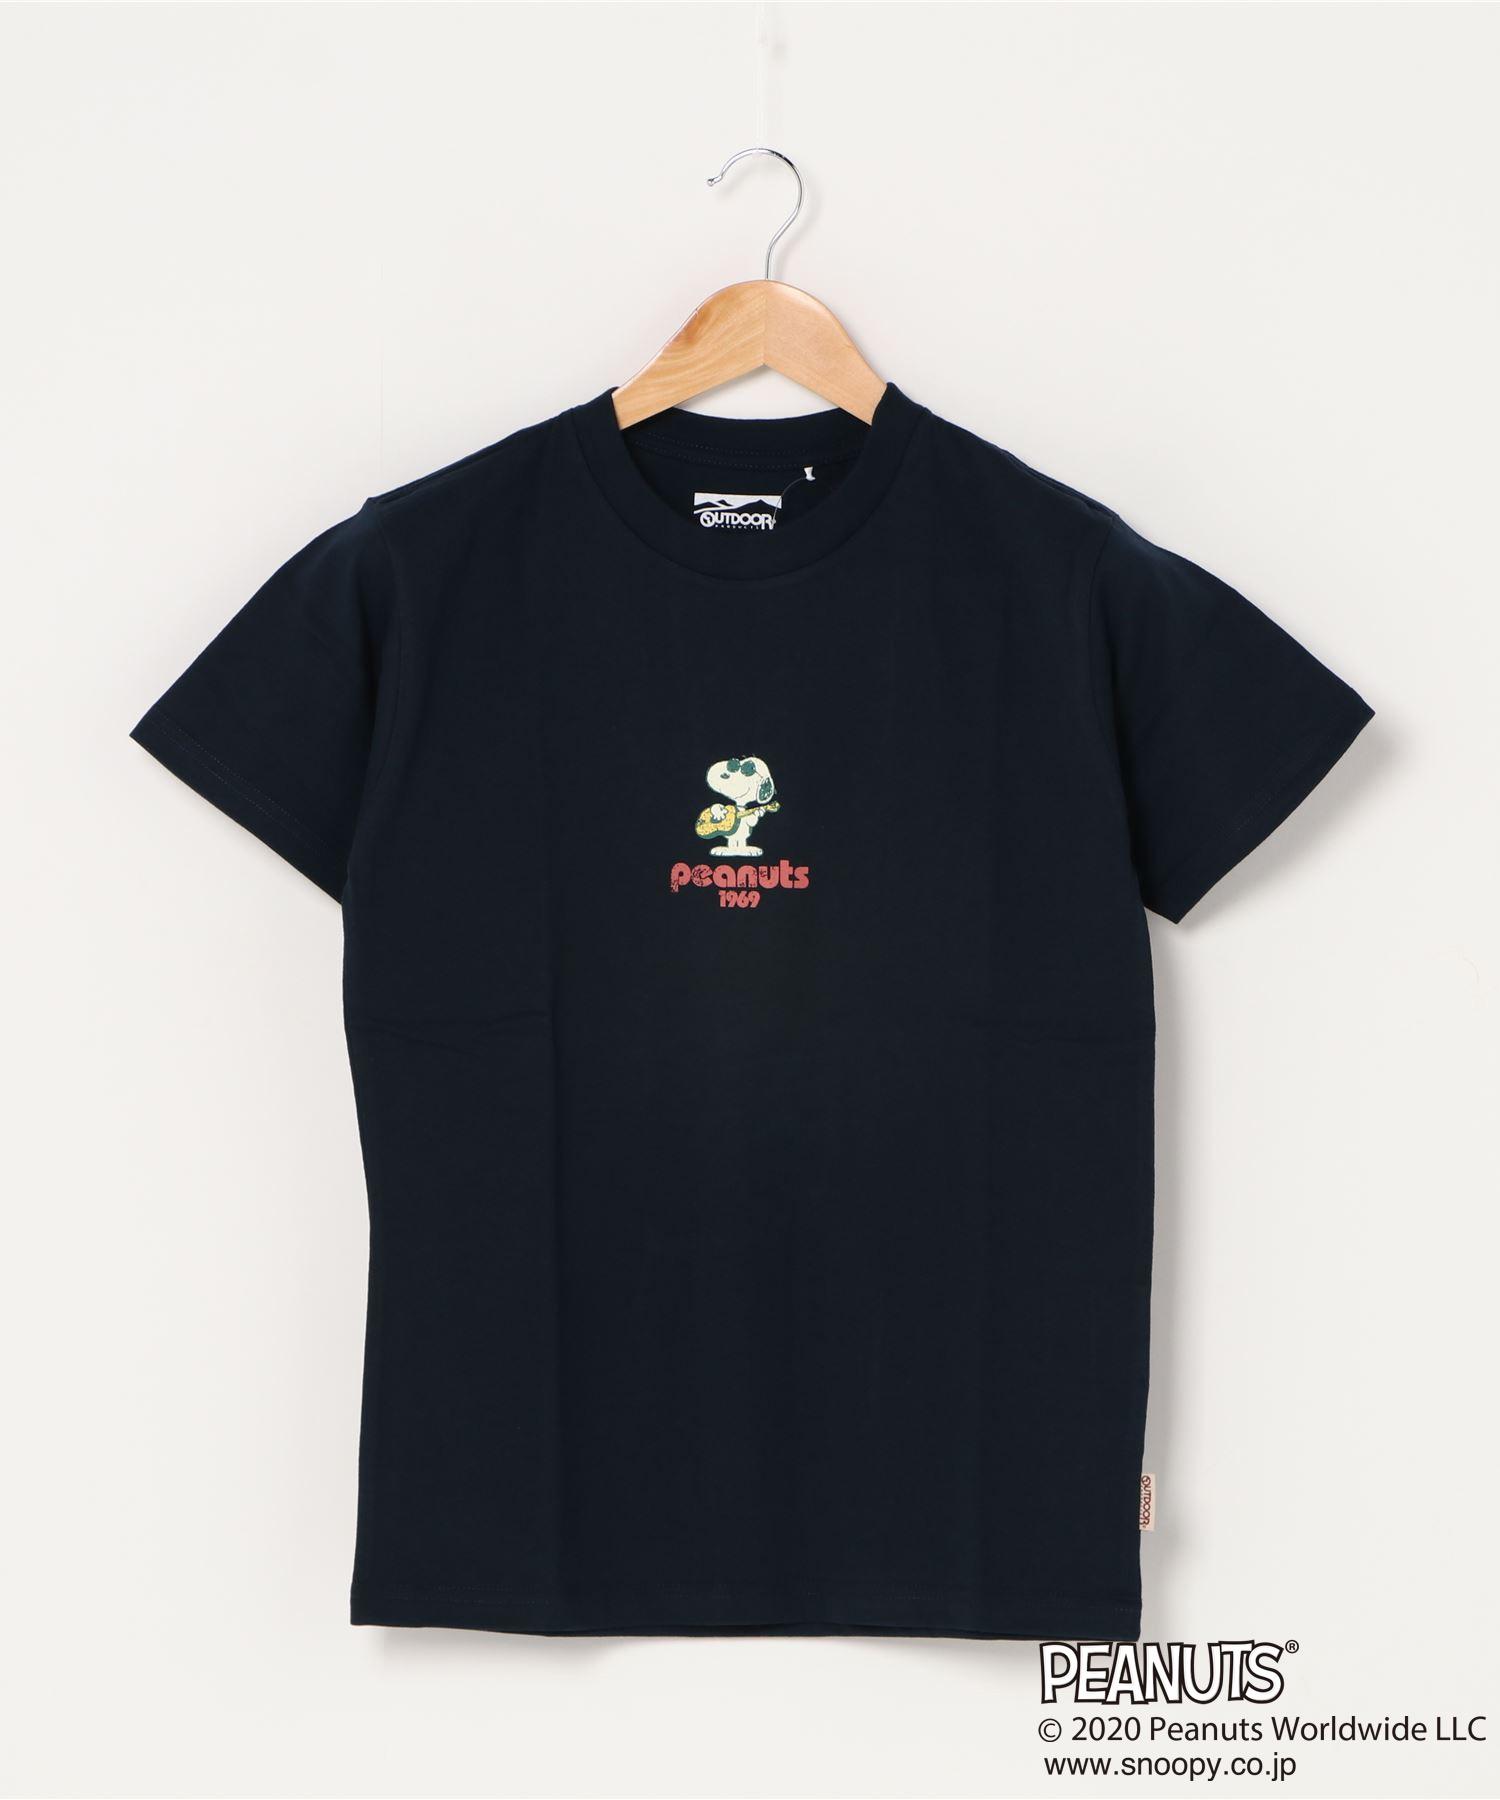 【PEANUTS/ピーナッツ】 スヌーピー ユニセックスデザイン リラクシングシルエット キャラクター半袖プリントTシャツ プレゼントにも最適アイテム!